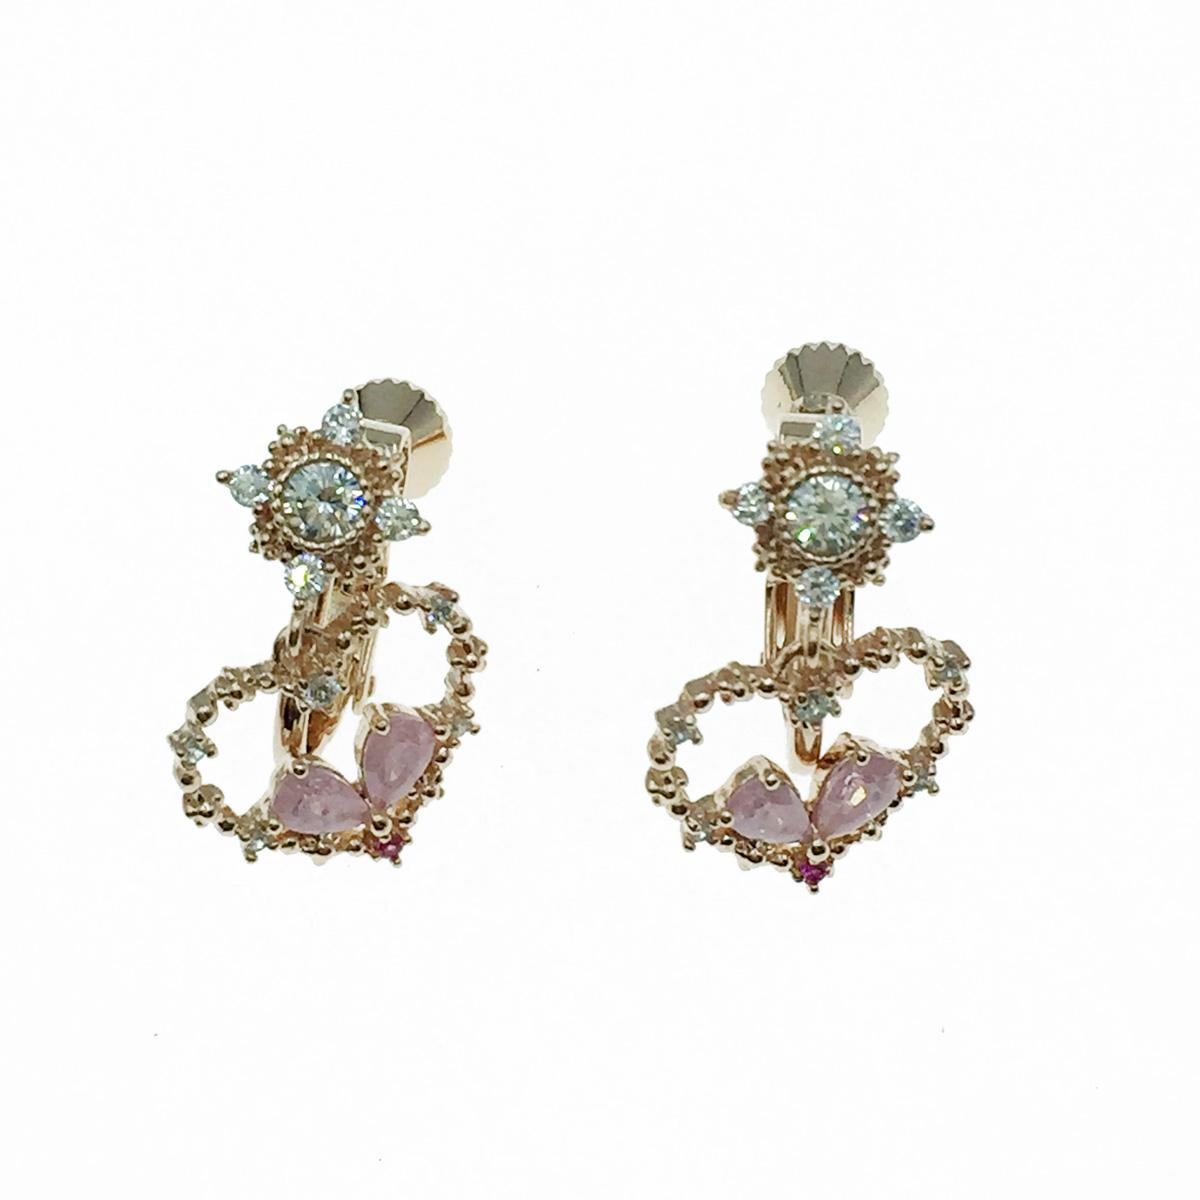 韓國 愛心 水鑽 精緻款 玫瑰金 垂墜感 夾式耳環